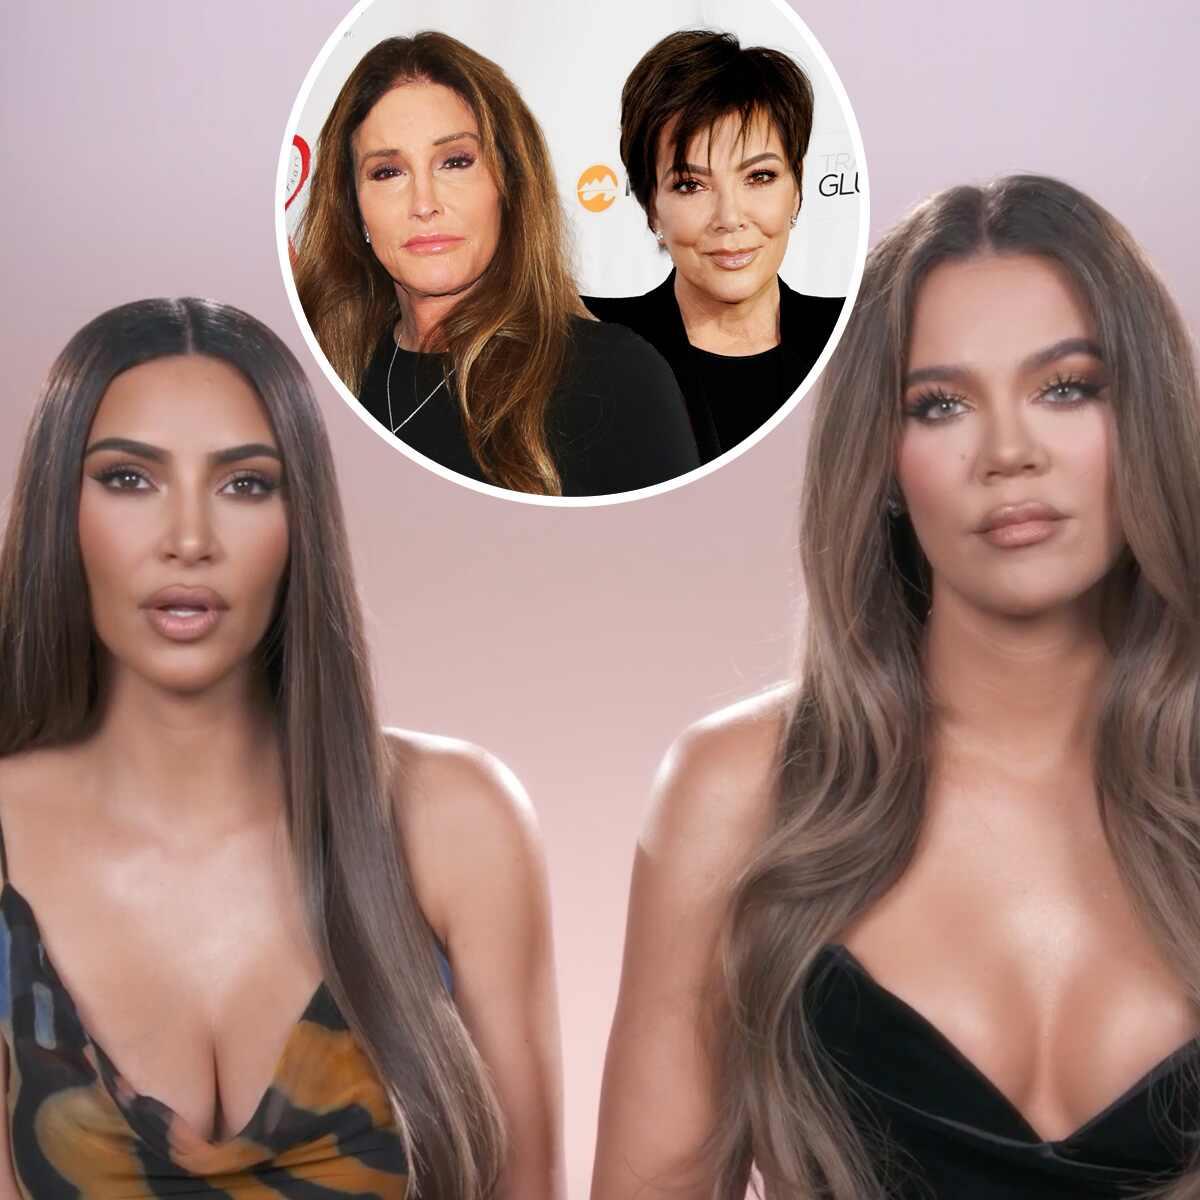 Kris Jenner, Caitlyn Jenner, Khloe Kardashian, Kim Kardashian